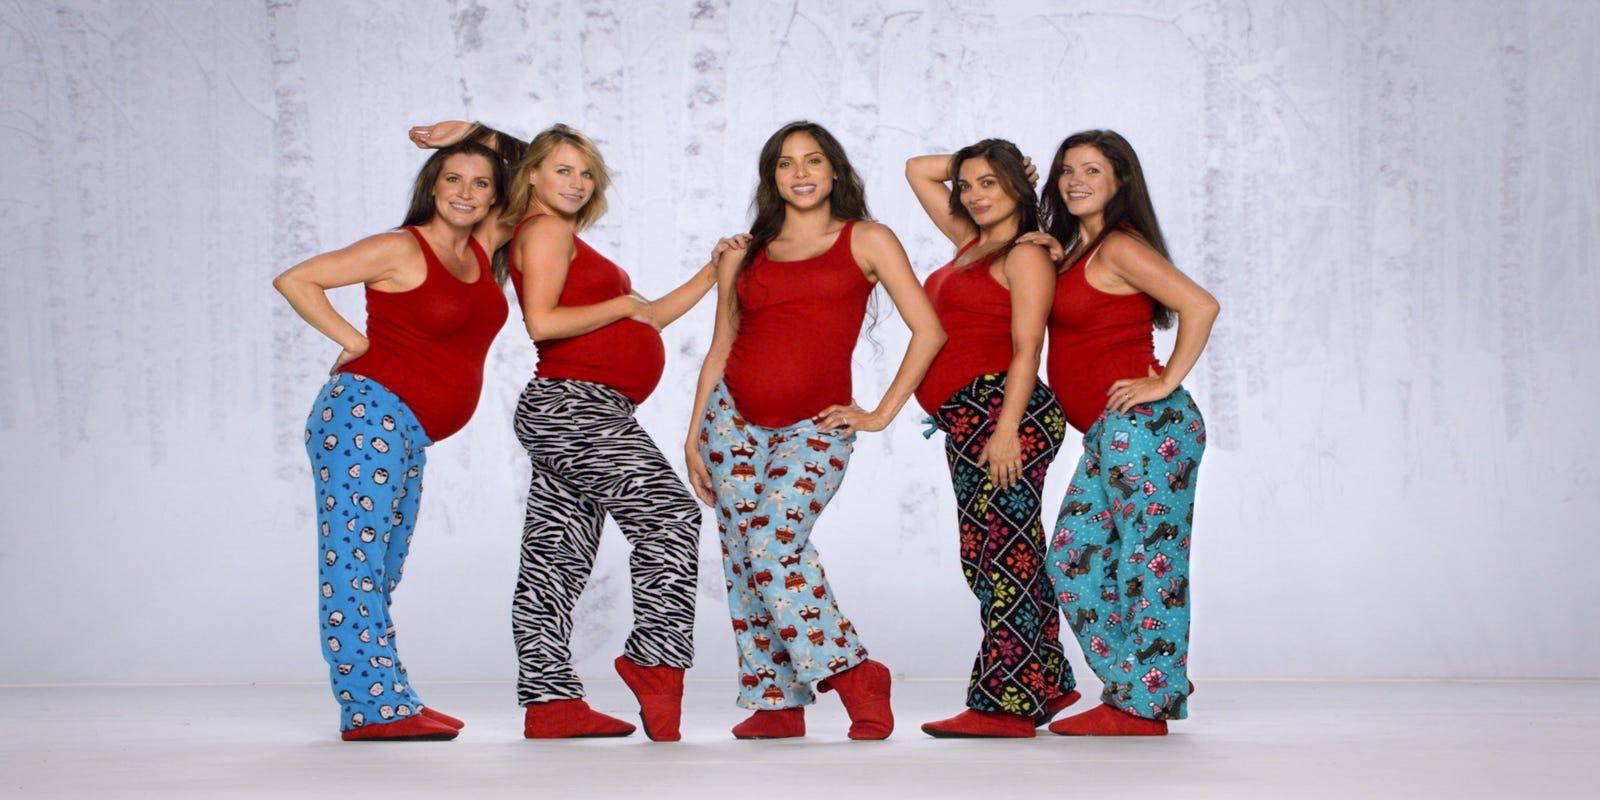 Dancing Joe Boxer ad has amusing pregnant pause